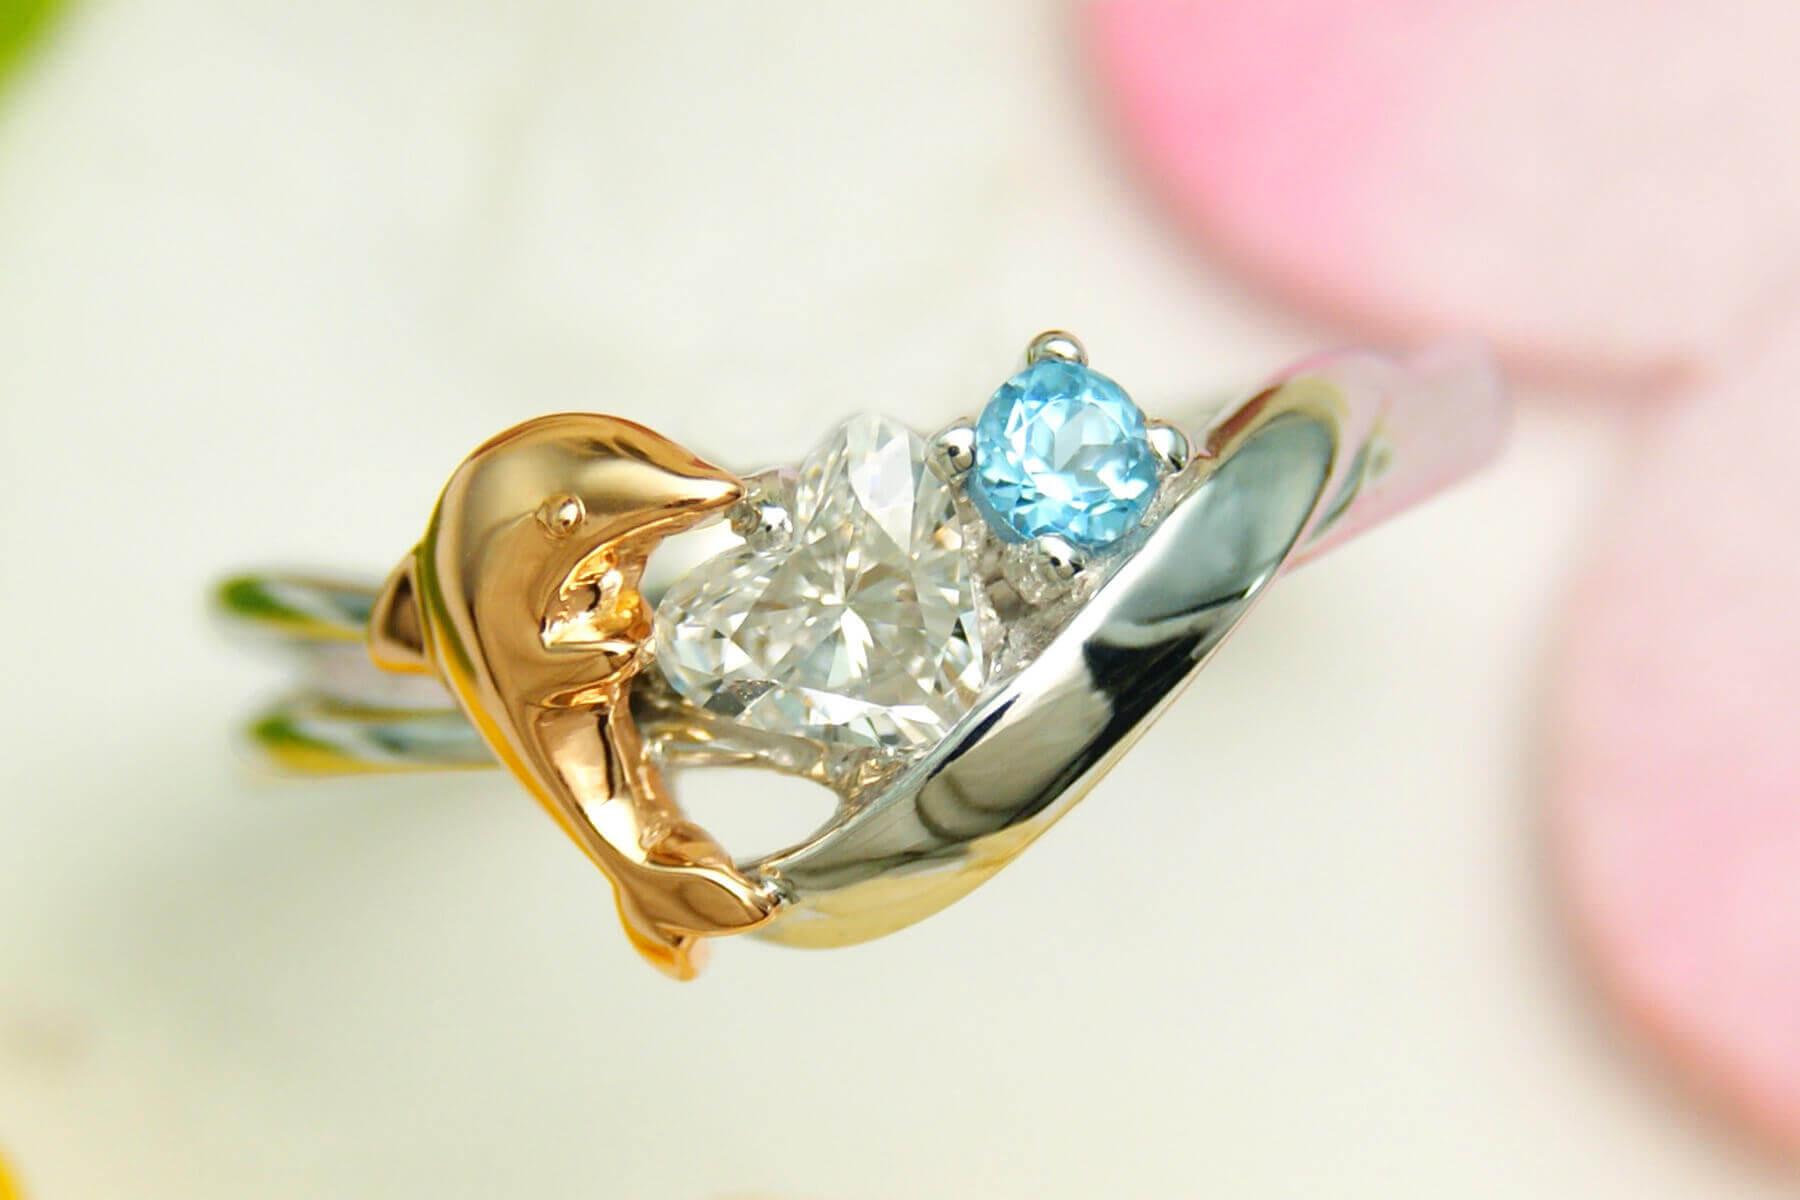 ジュエリーレンタル | 婚約指輪製作・完成 | かざりやゆい | 世界に一つだけの結婚指輪「kazariya Yui」 | 福島県郡山市